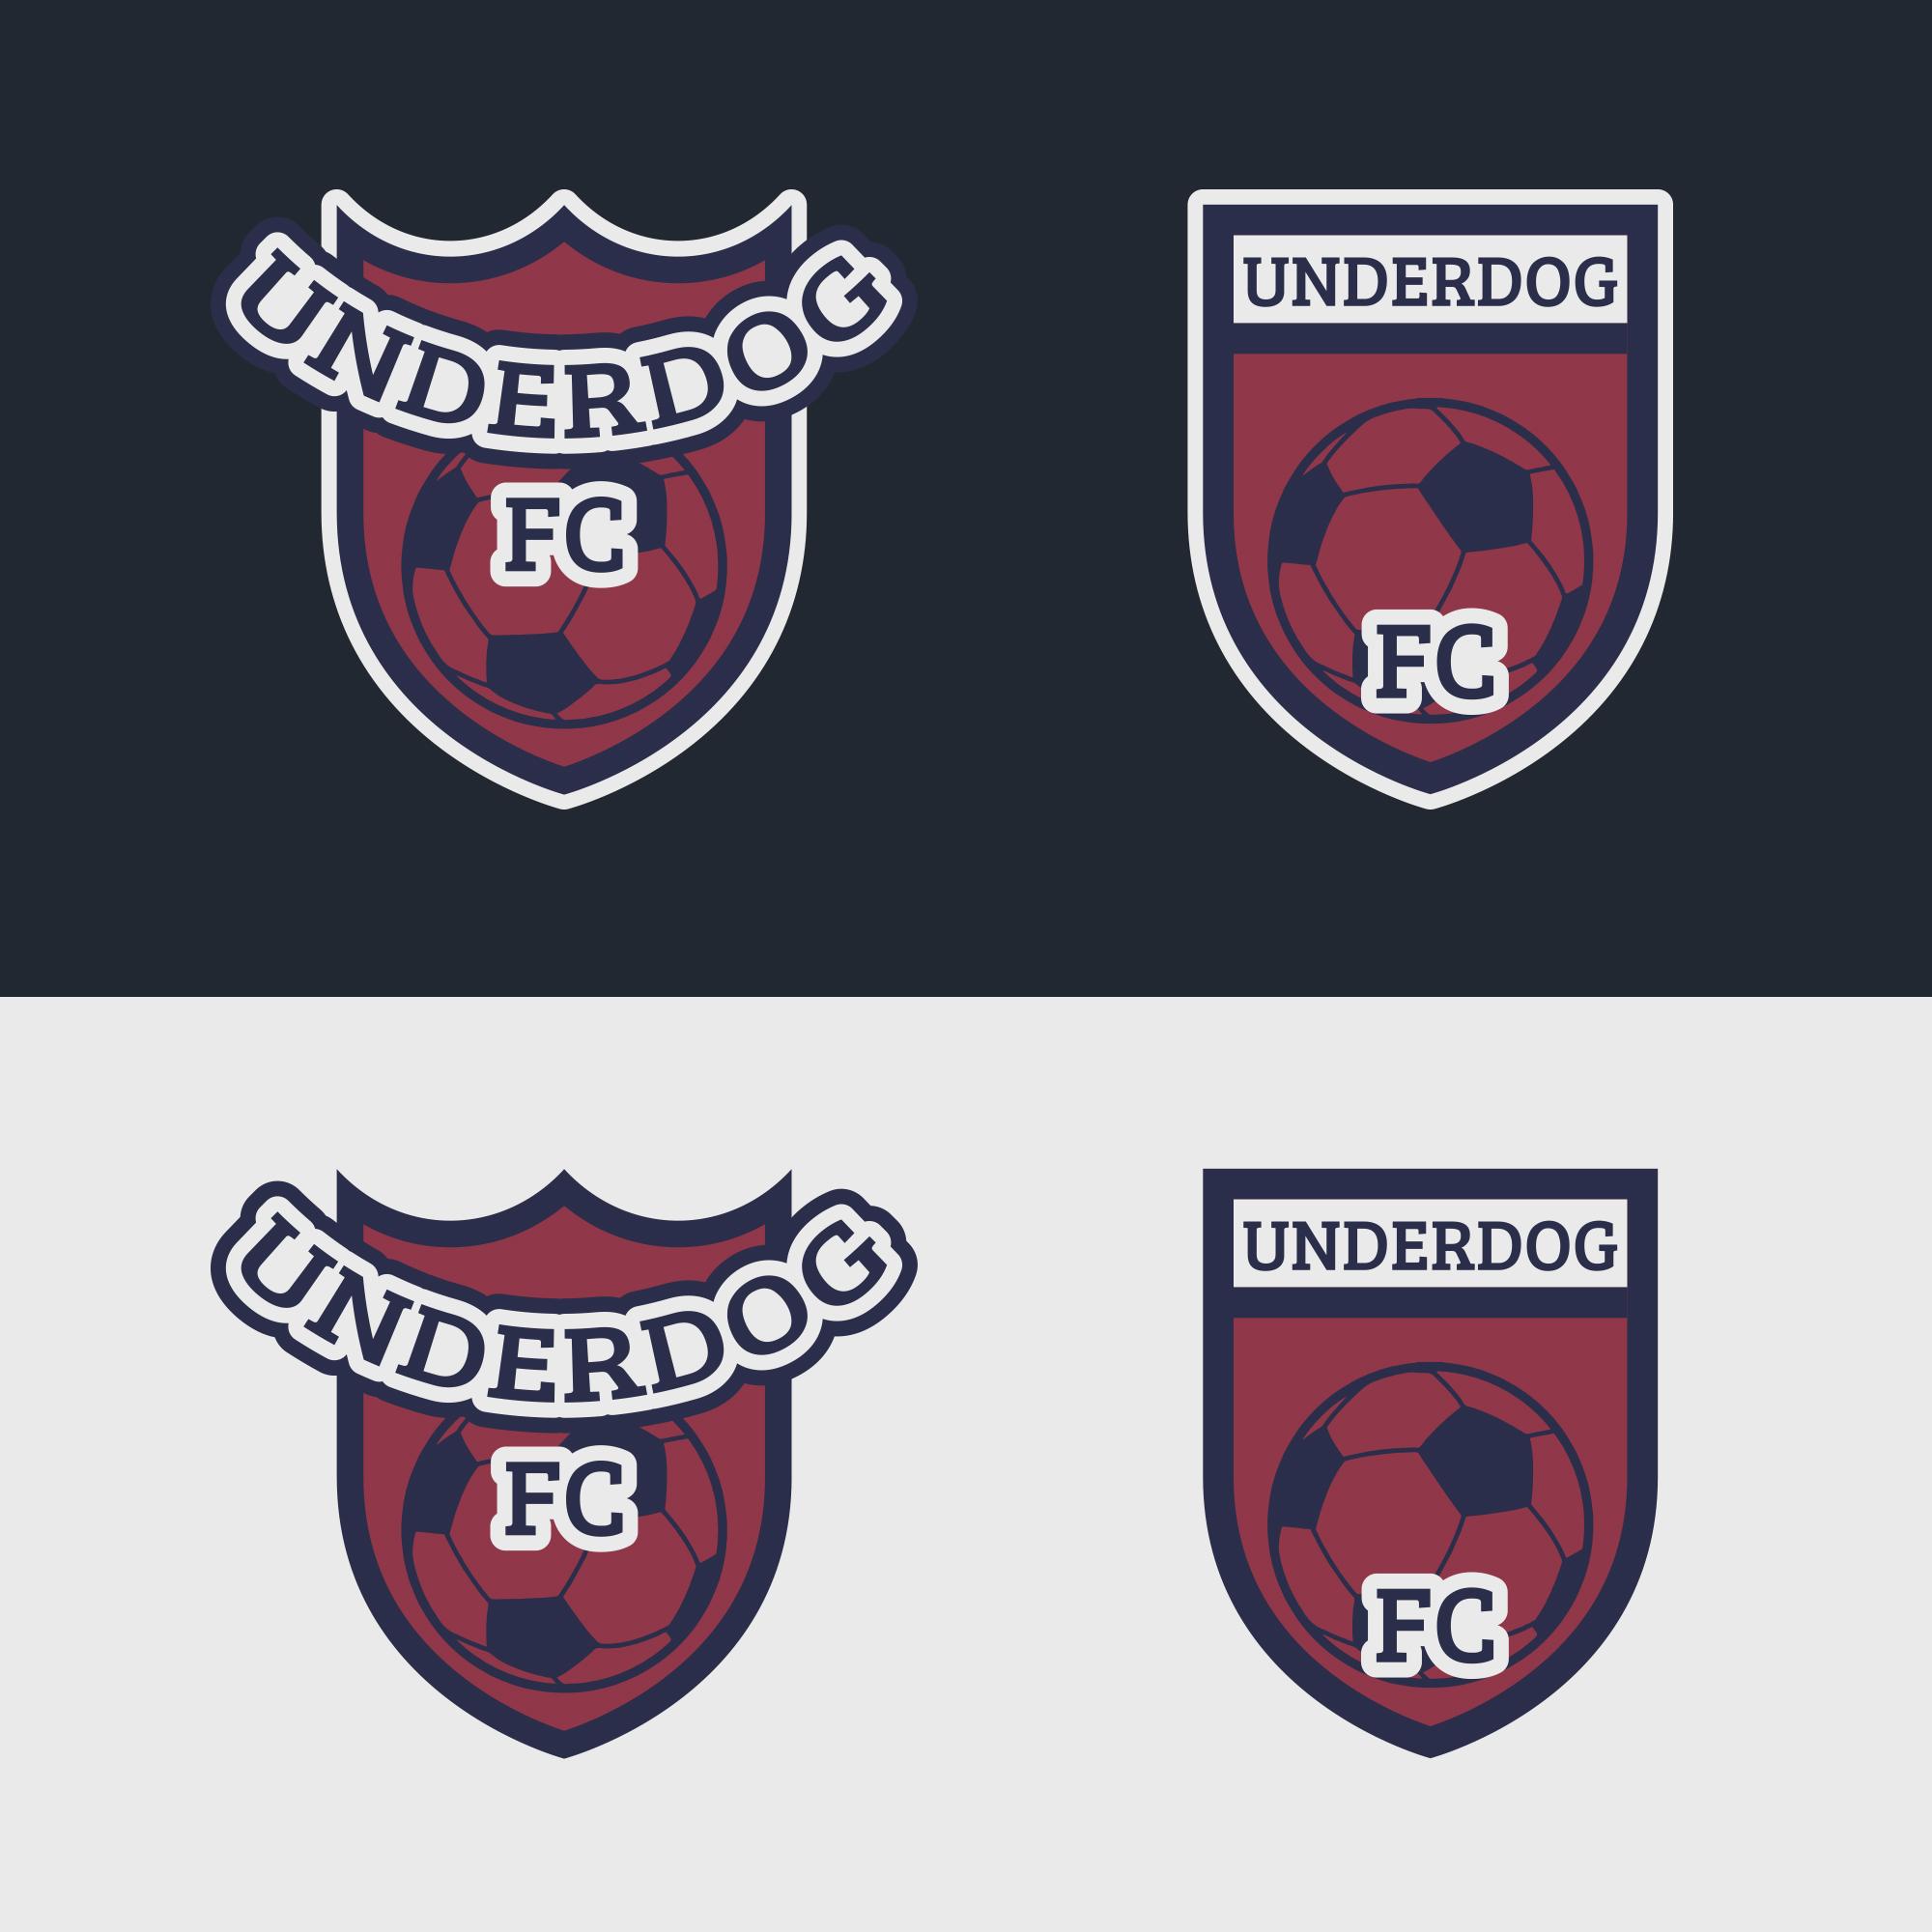 Футбольный клуб UNDERDOG - разработать фирстиль и бренд-бук фото f_7545cb0807a7c435.jpg